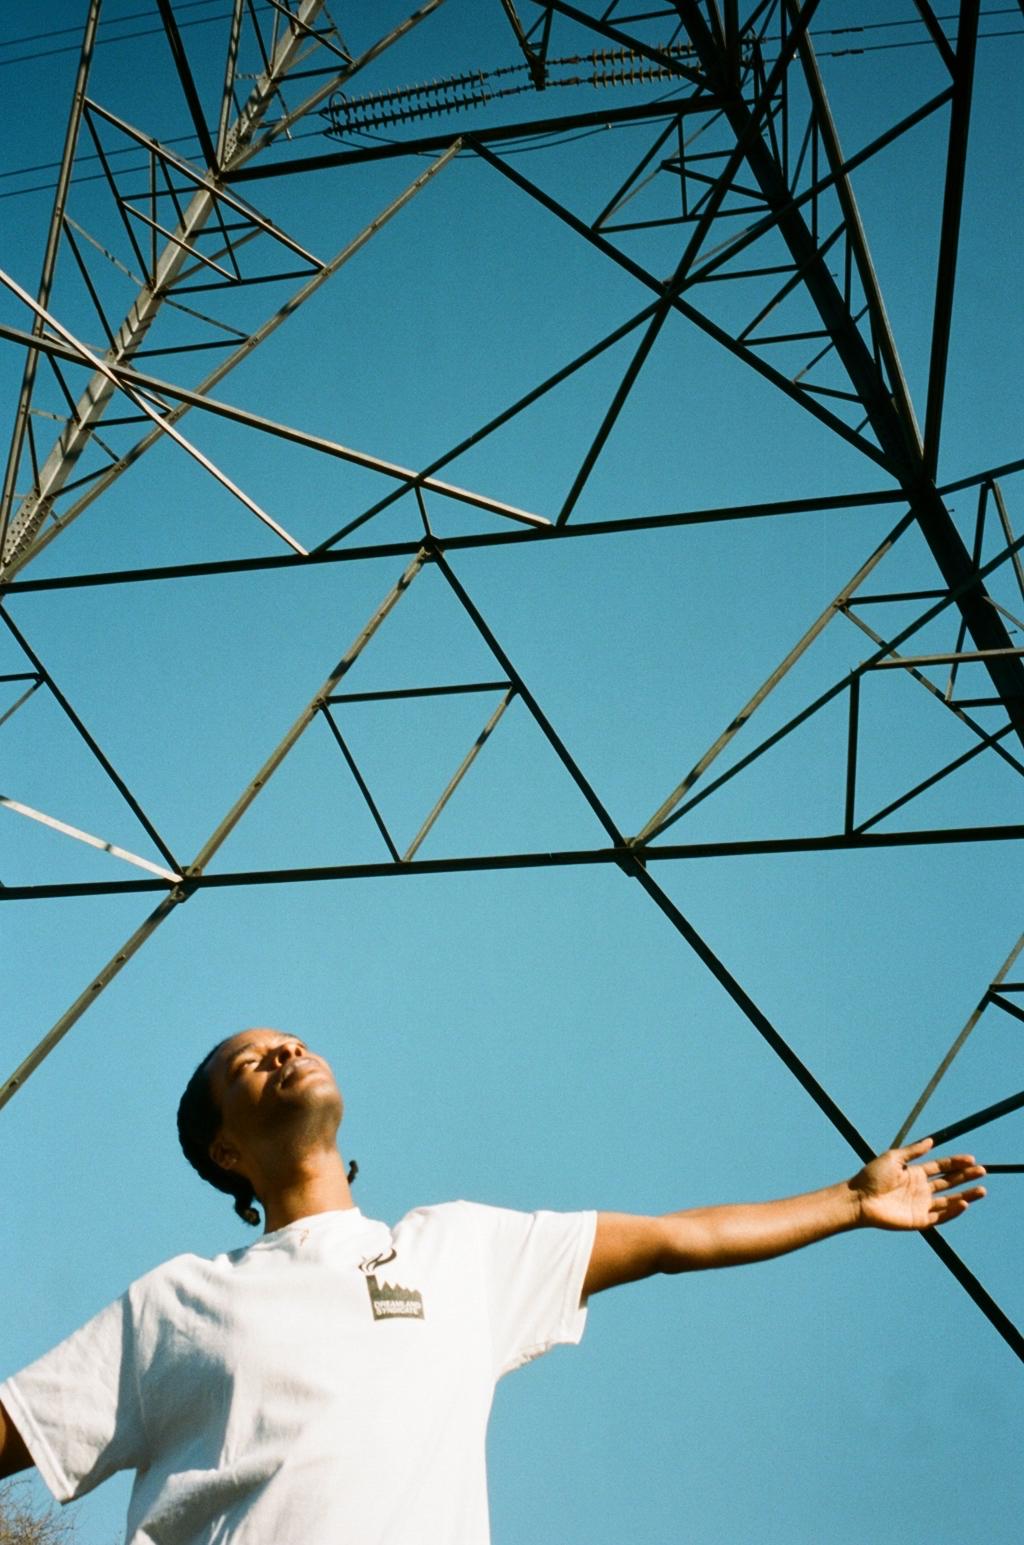 21_Dreamland_zerowork420photo_Rosy_Leadley-Watkins21.JPG